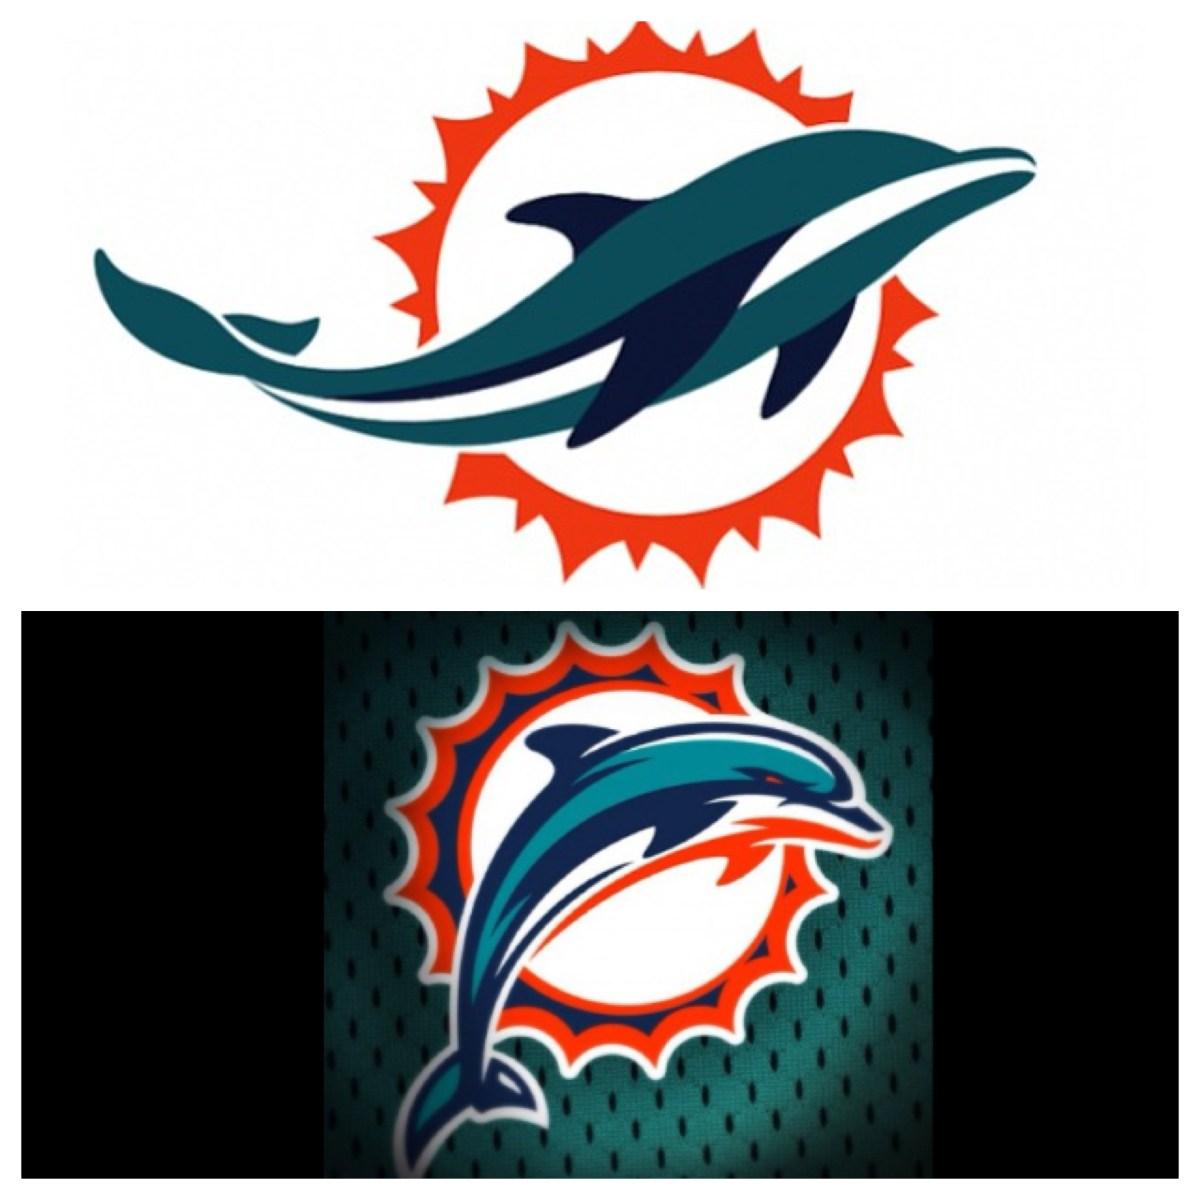 SPORTS: Miami Dolphins Logo?